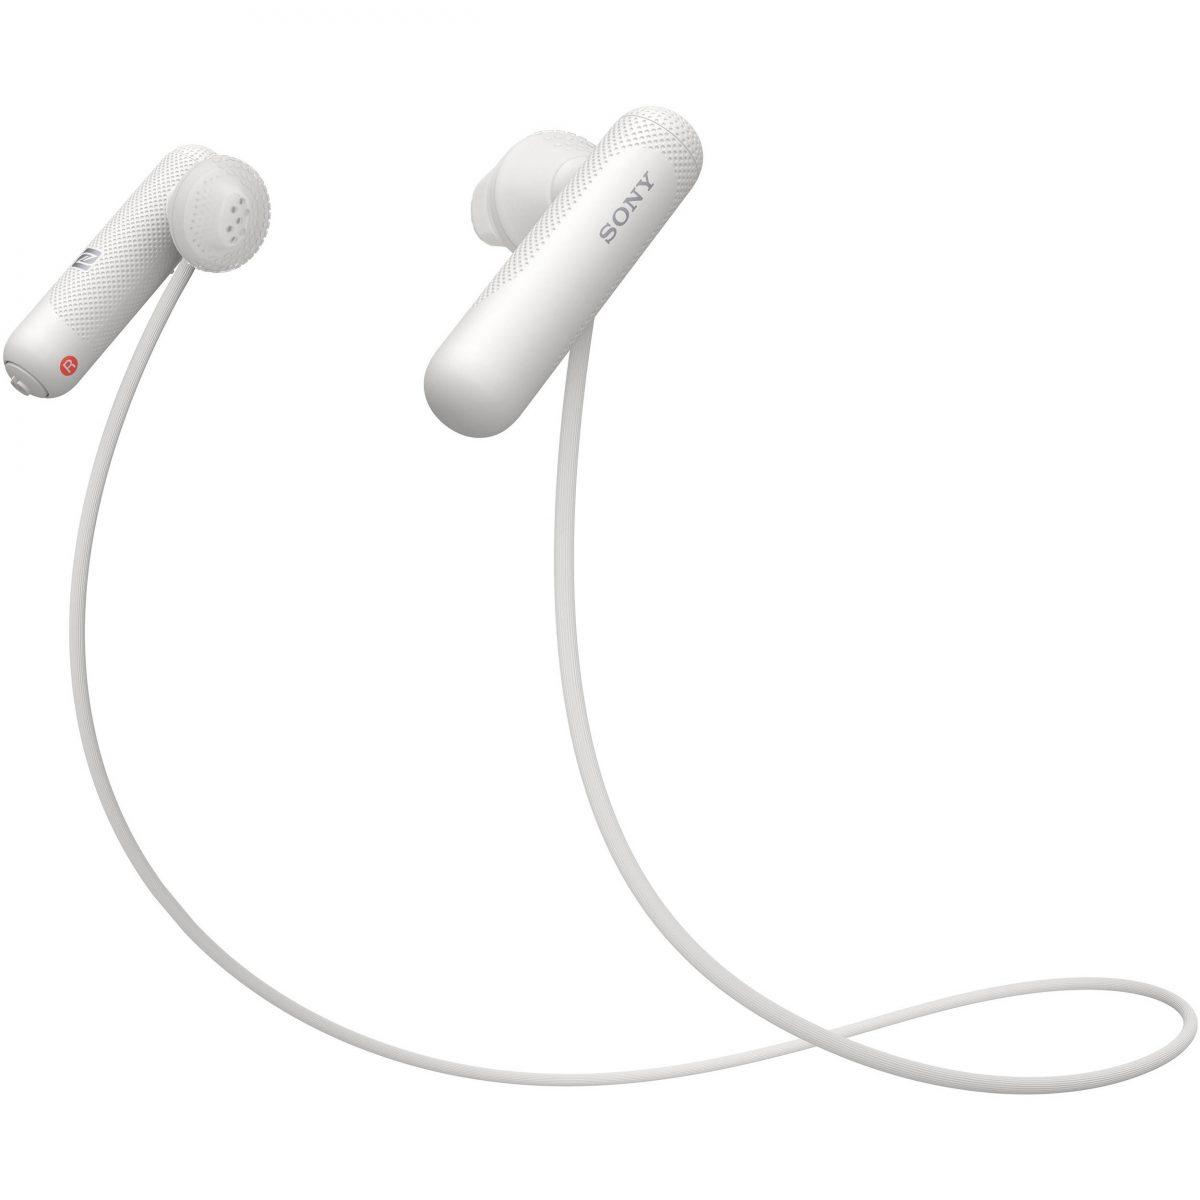 Headphone WI-SP500: de R$ 399,99 por R$ 299,99 - Crédito: Divulgação/33Giga/ND